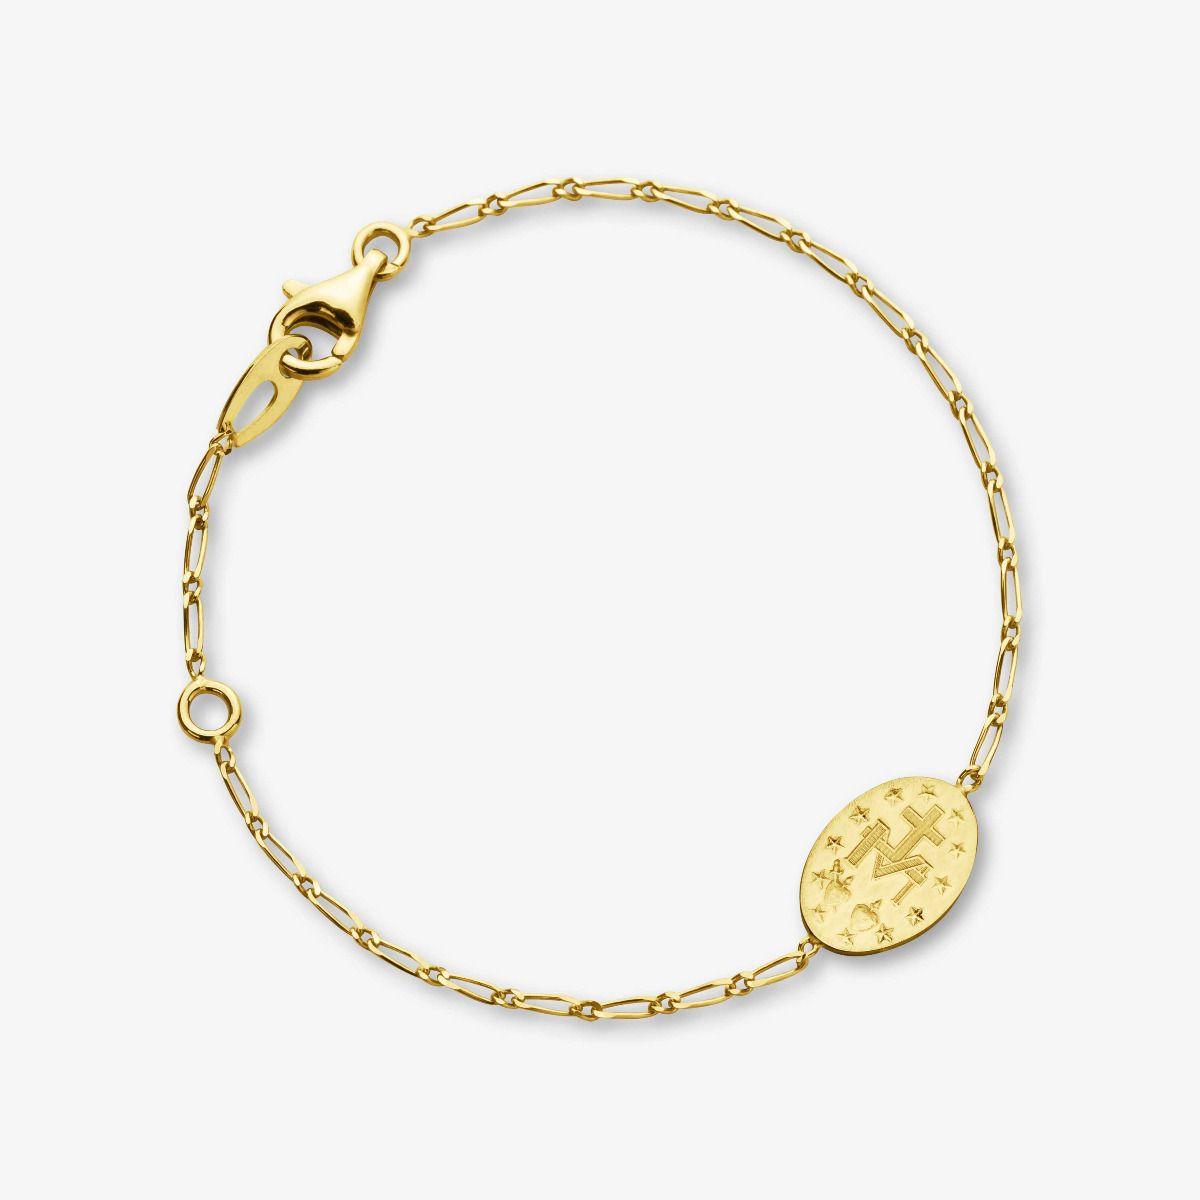 Bracelet enfant Miraculeuse revers en Or Jaune 18 carats - 14 cm